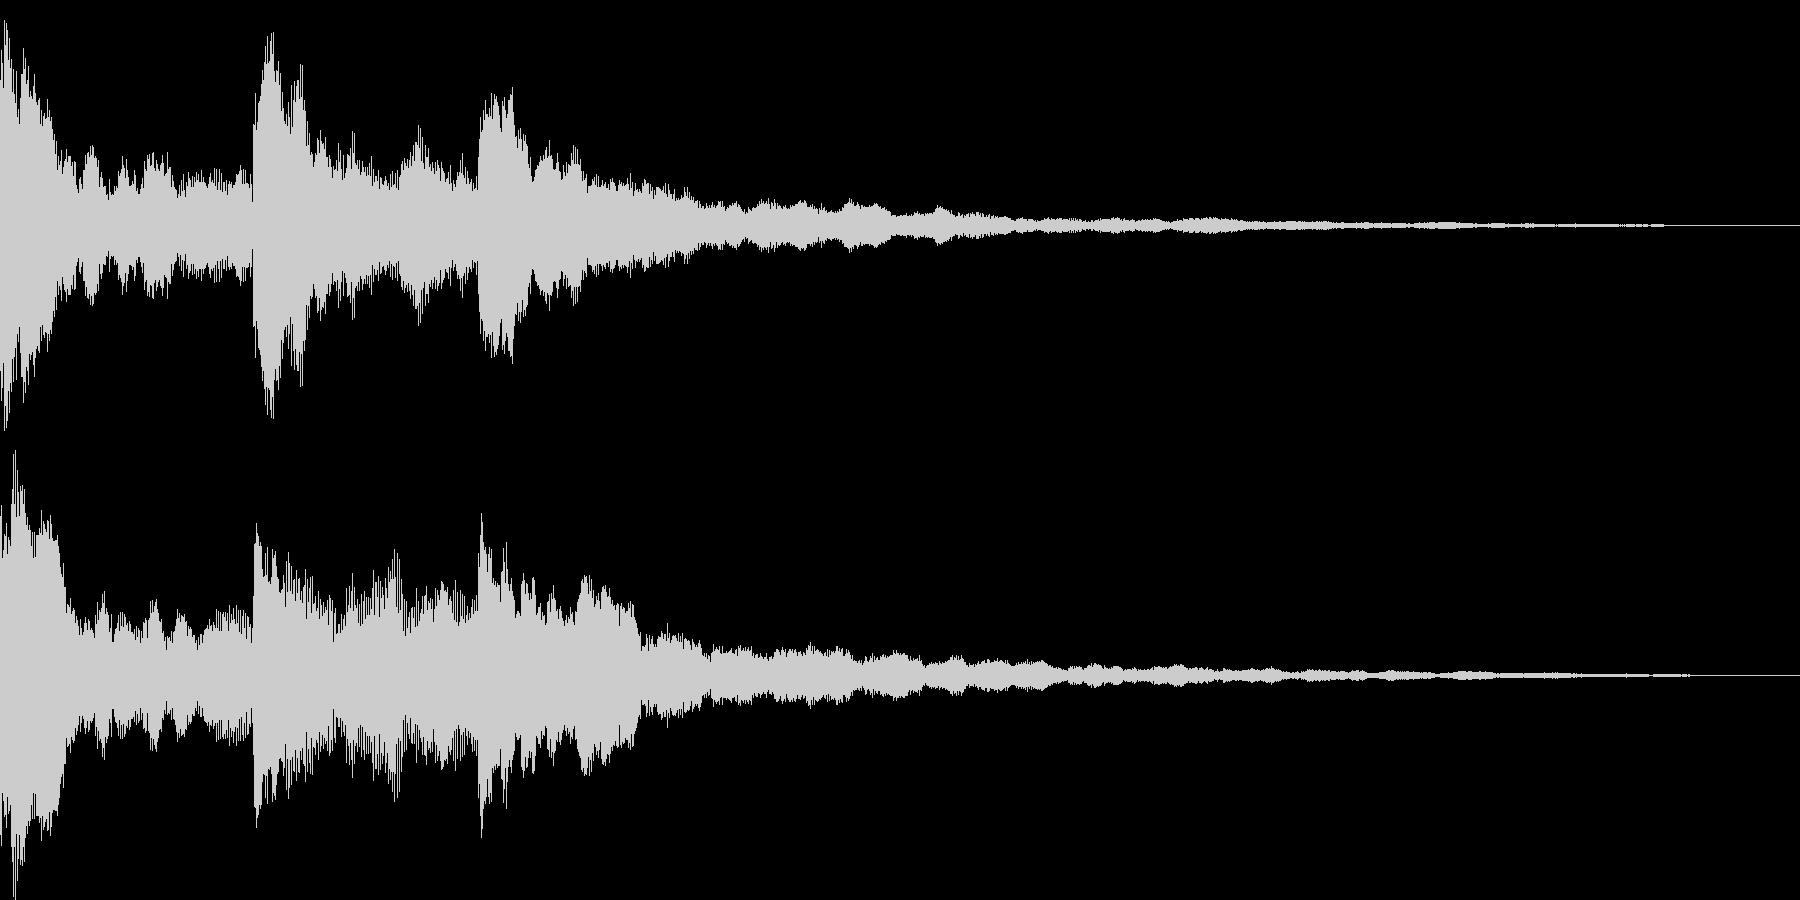 アンビエントなサウンドロゴの未再生の波形